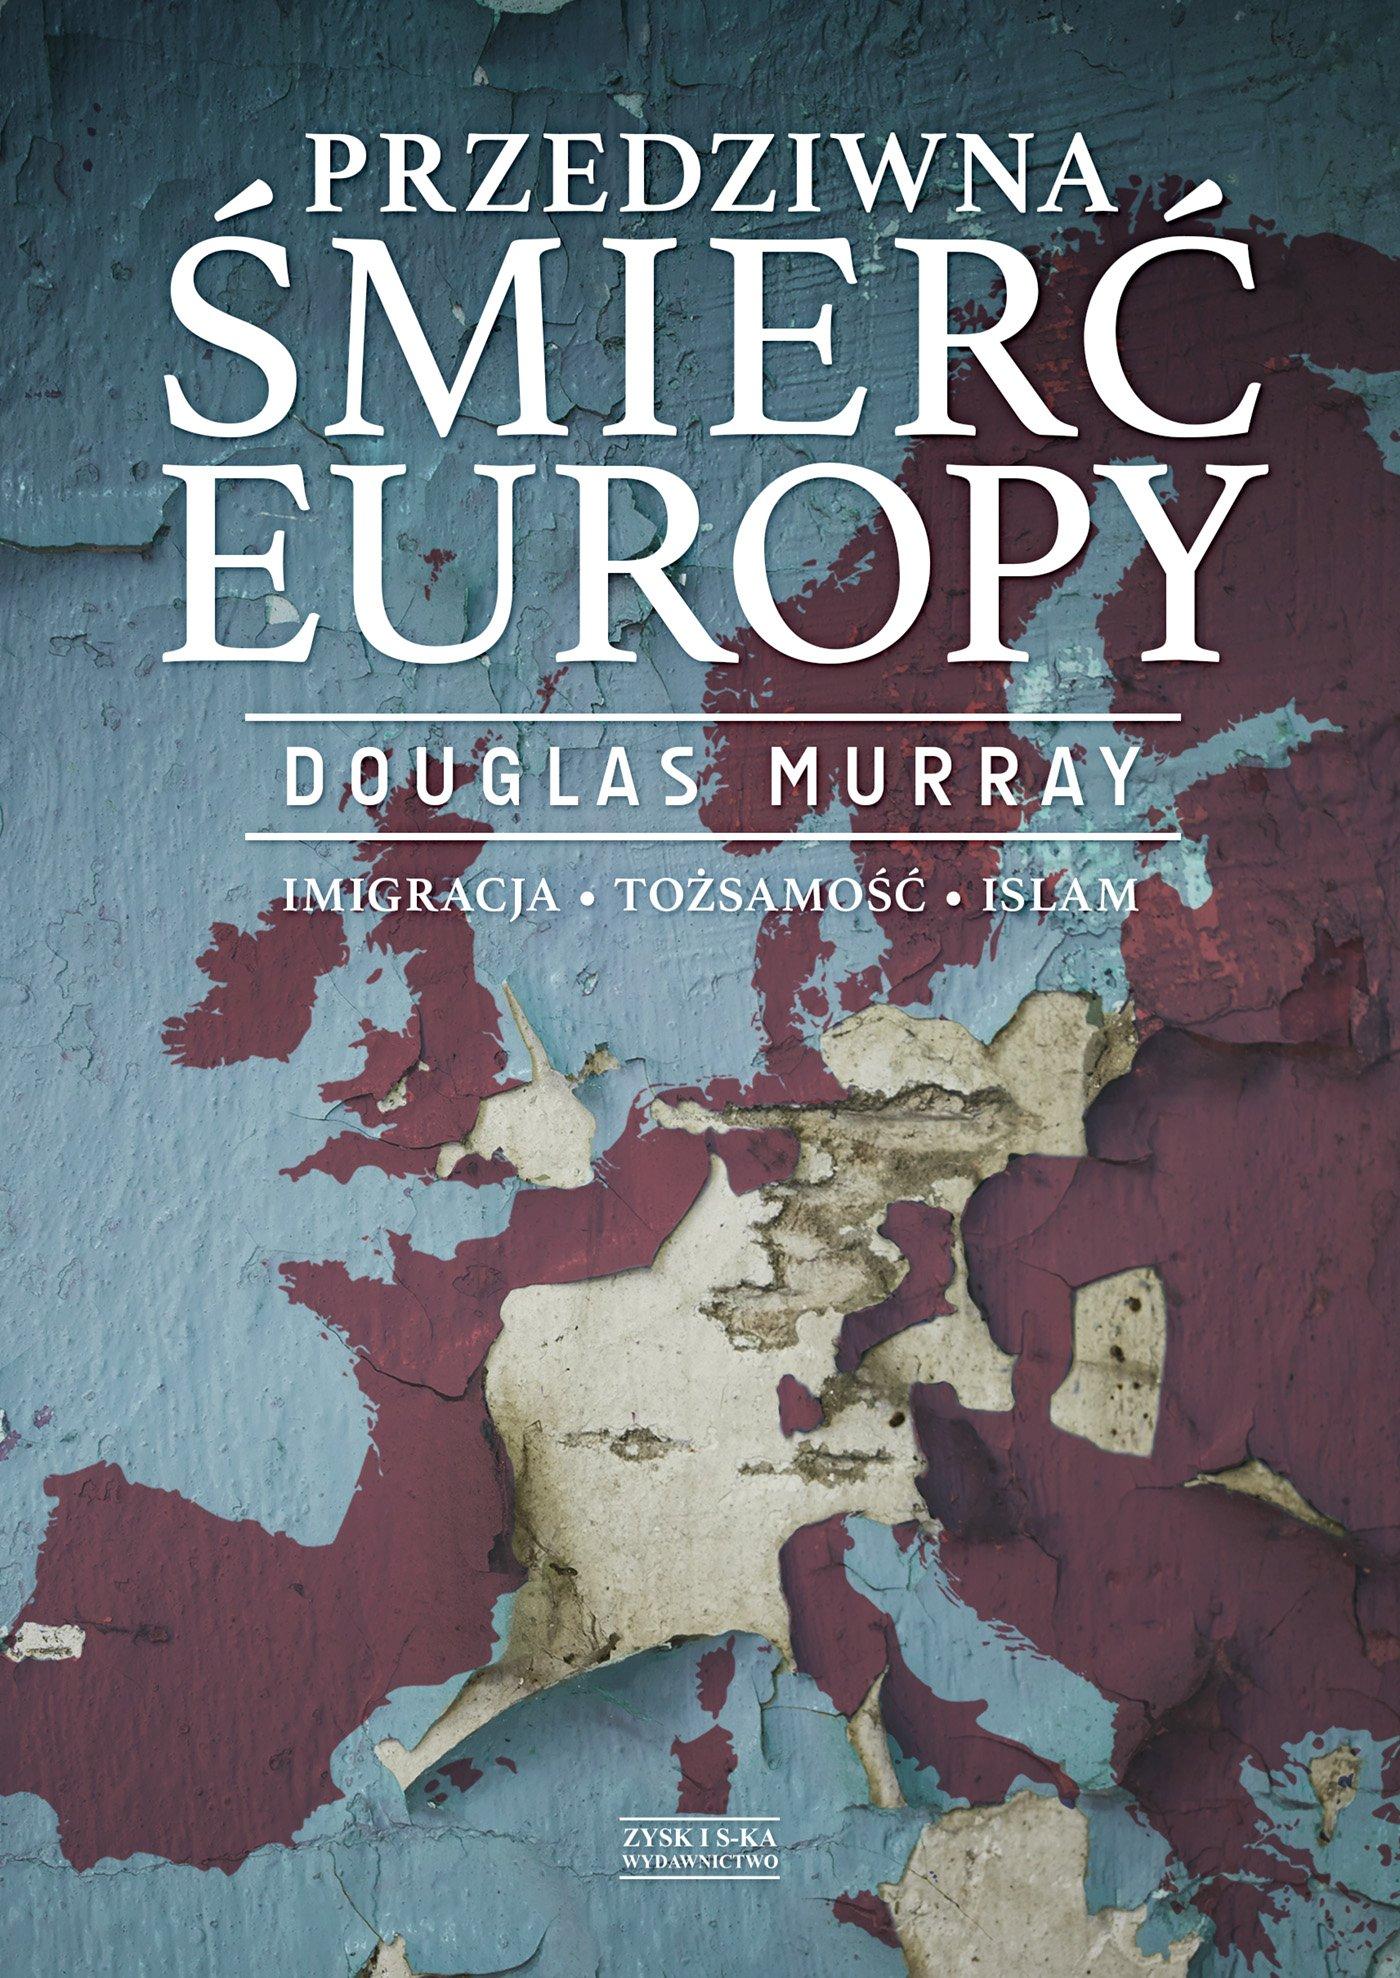 Przedziwna śmierć Europy - Ebook (Książka EPUB) do pobrania w formacie EPUB